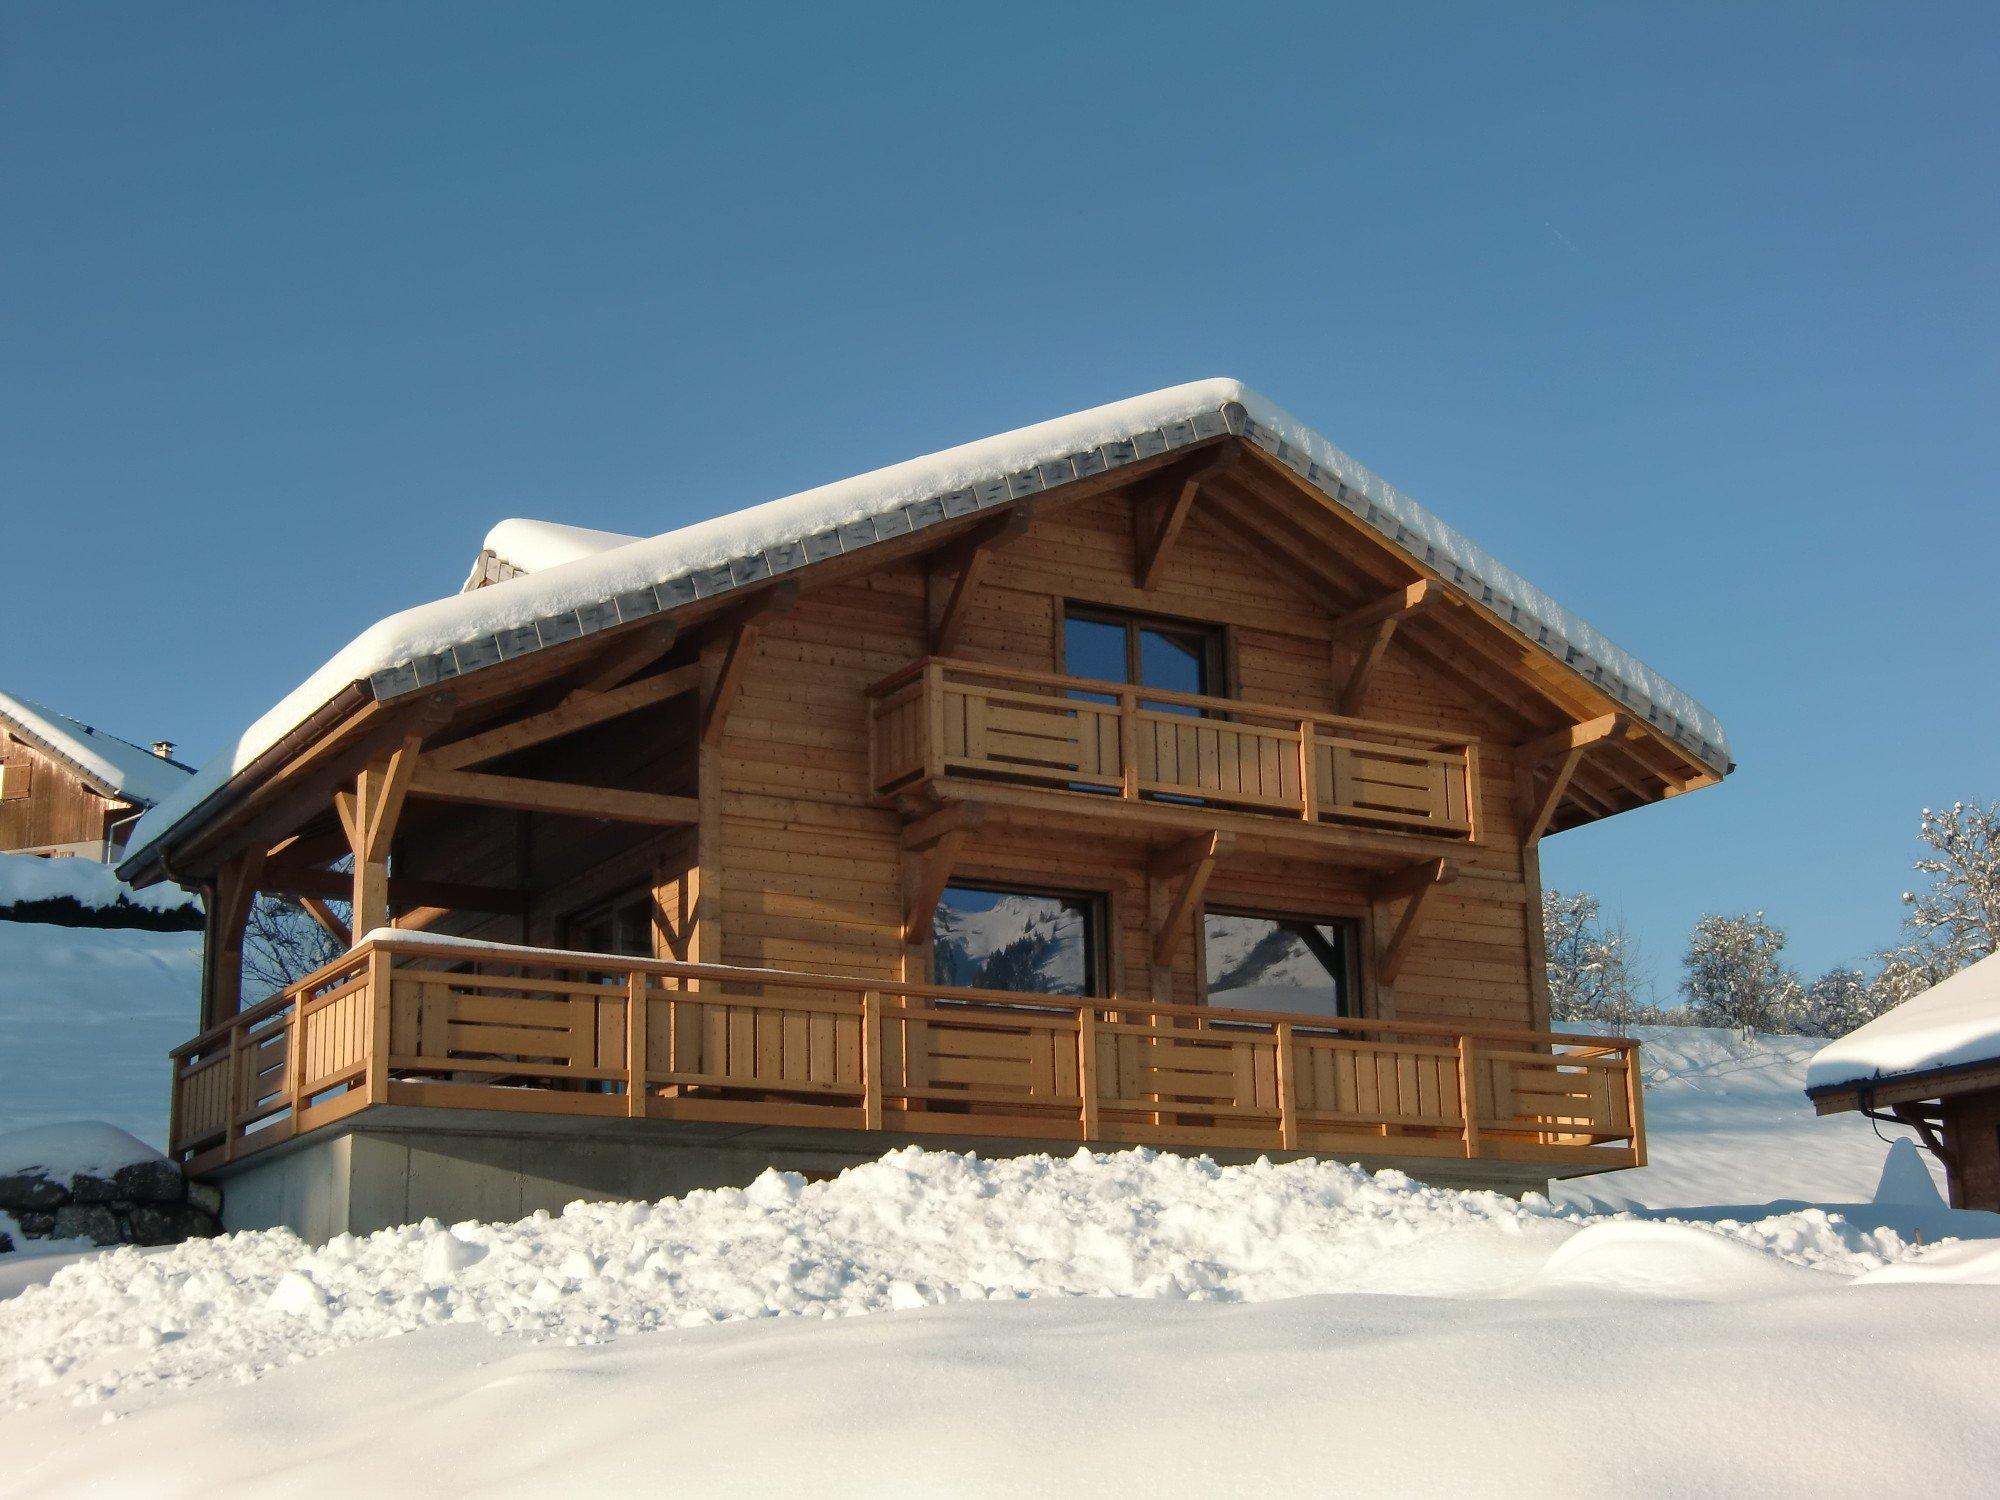 Grand chalet en bois dans la neige 3